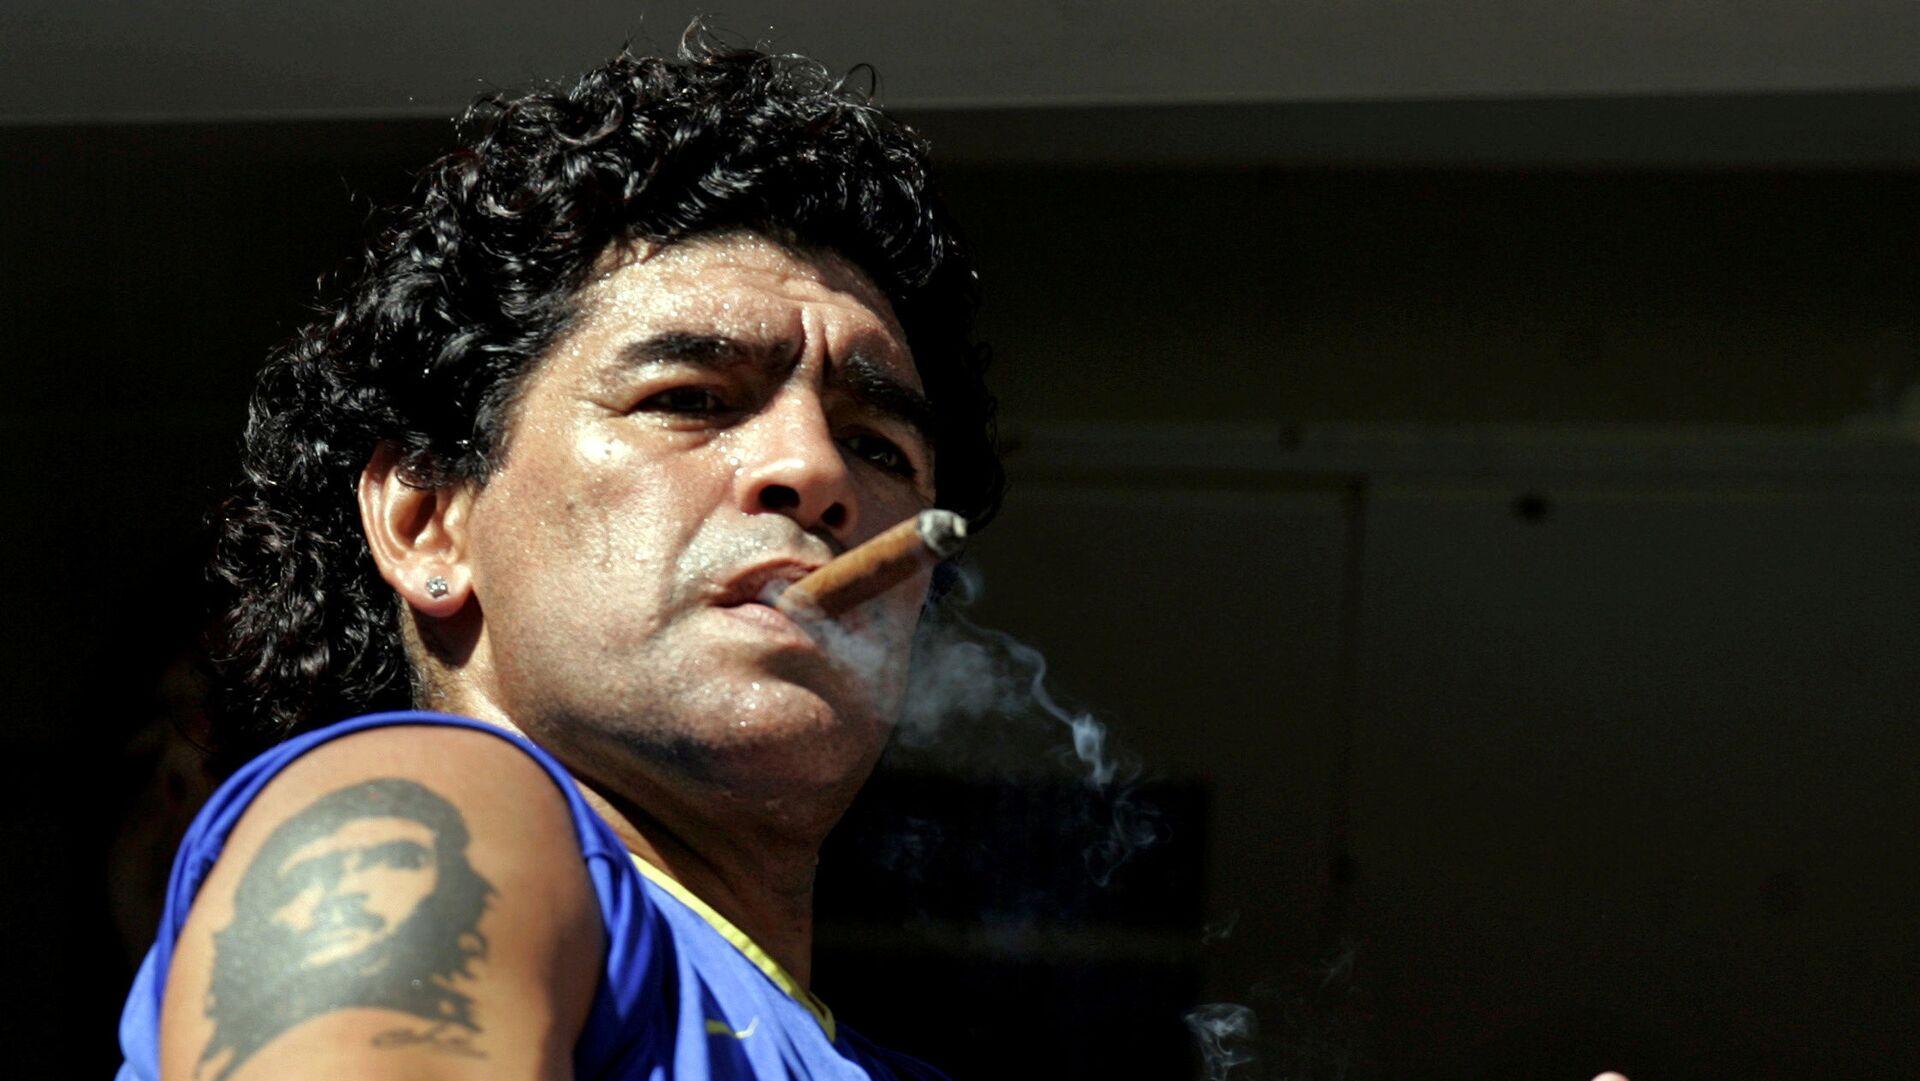 Diego Maradona fumando - Sputnik Mundo, 1920, 07.10.2021